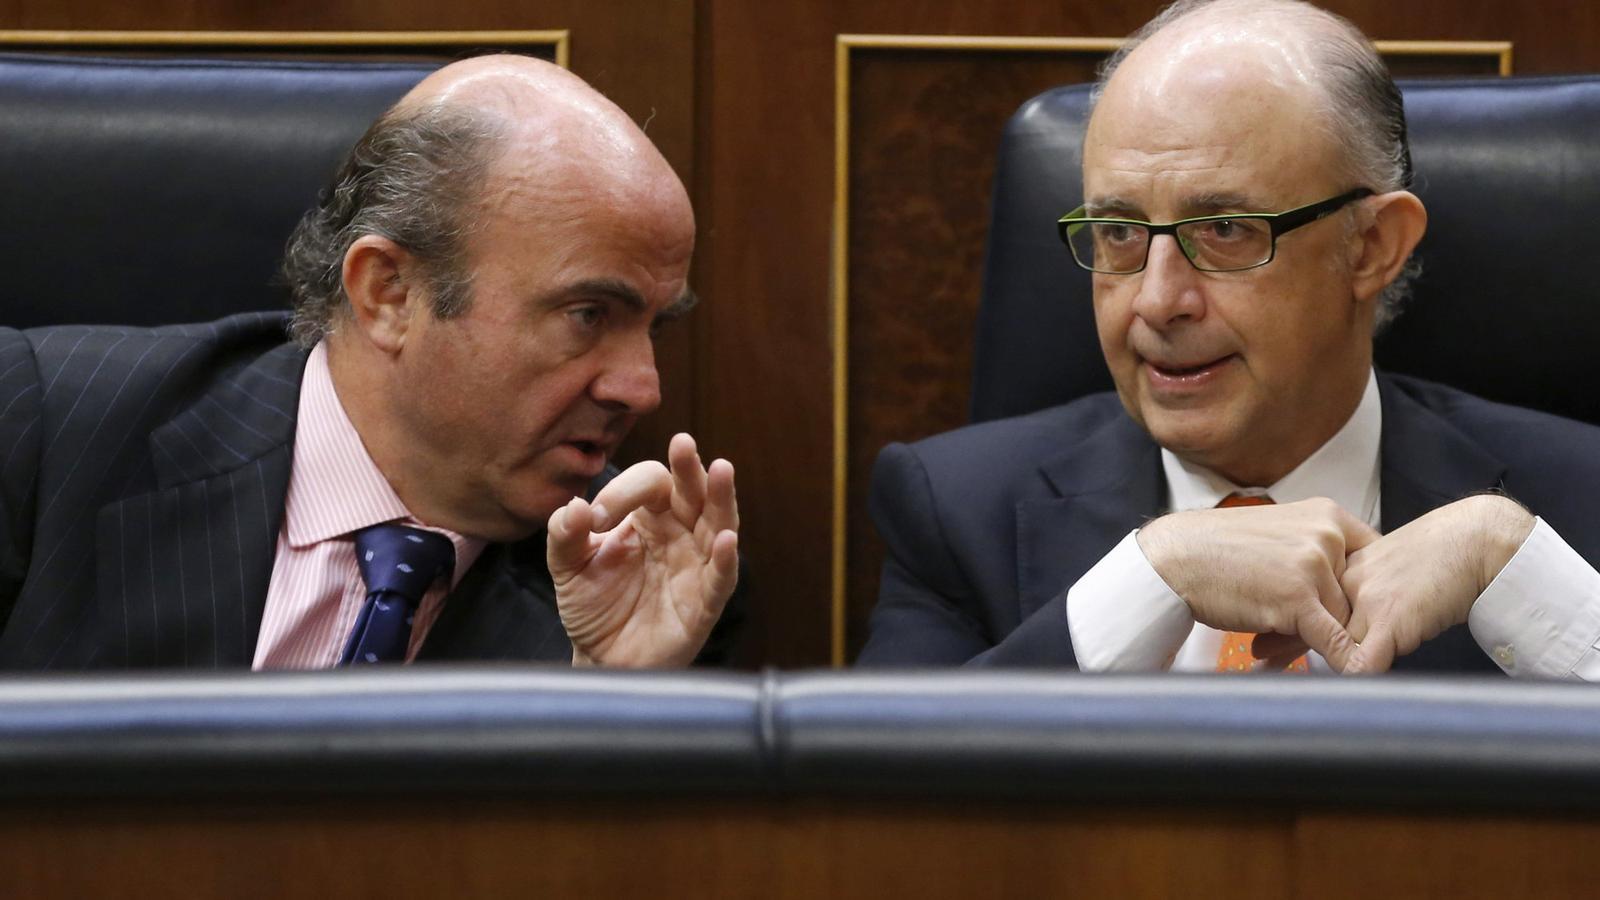 DUET ECONÒMIC   El ministre d'Economia, Luis de Guindos, i el d'Hisenda, Cristóbal Montoro, durant una sessió al Congrés de Diputats.